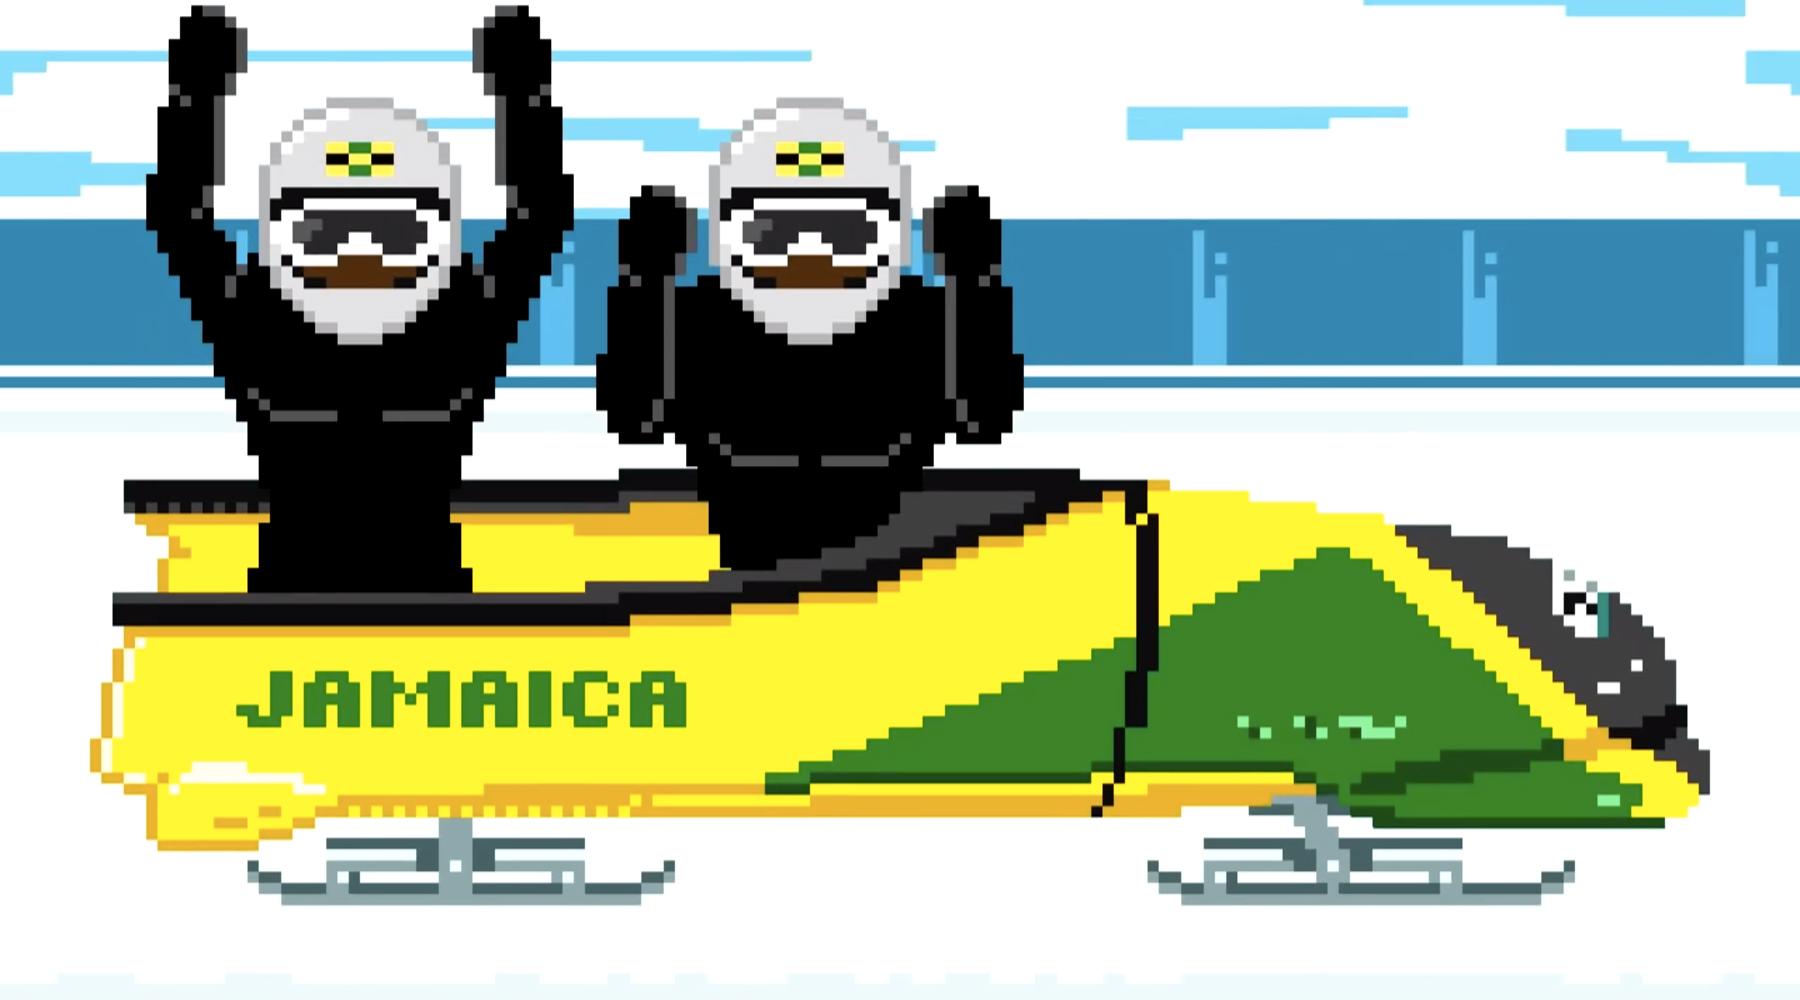 Совет по туризму Ямайки представил 8-битное видео о своей бобслейной команде